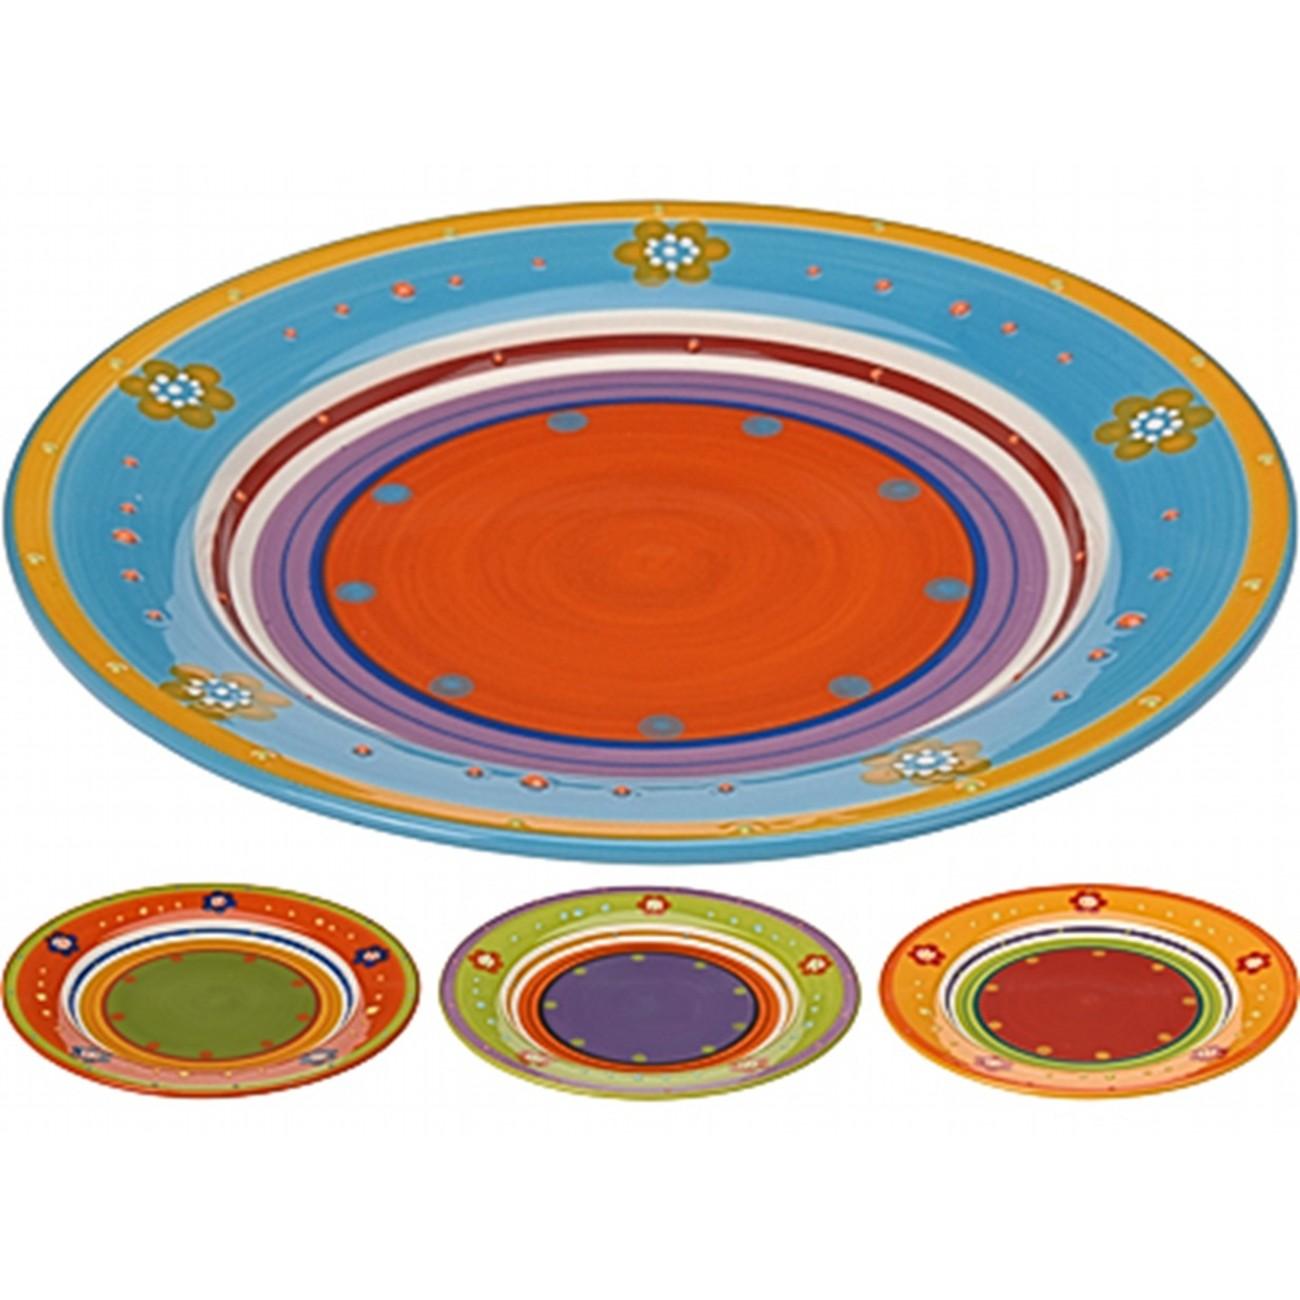 ТарелкаСервировка<br>Excellent Houseware производит посуду и различные предметы для дома. Тарелка - аксессуар повседневного использования. Хорошая тарелка - качественная, стильная, и помимо своей основной функции еще и доставляет эстетическое удовольствие. Внимание! Выбрать цвет заранее не представляется возможным.<br>